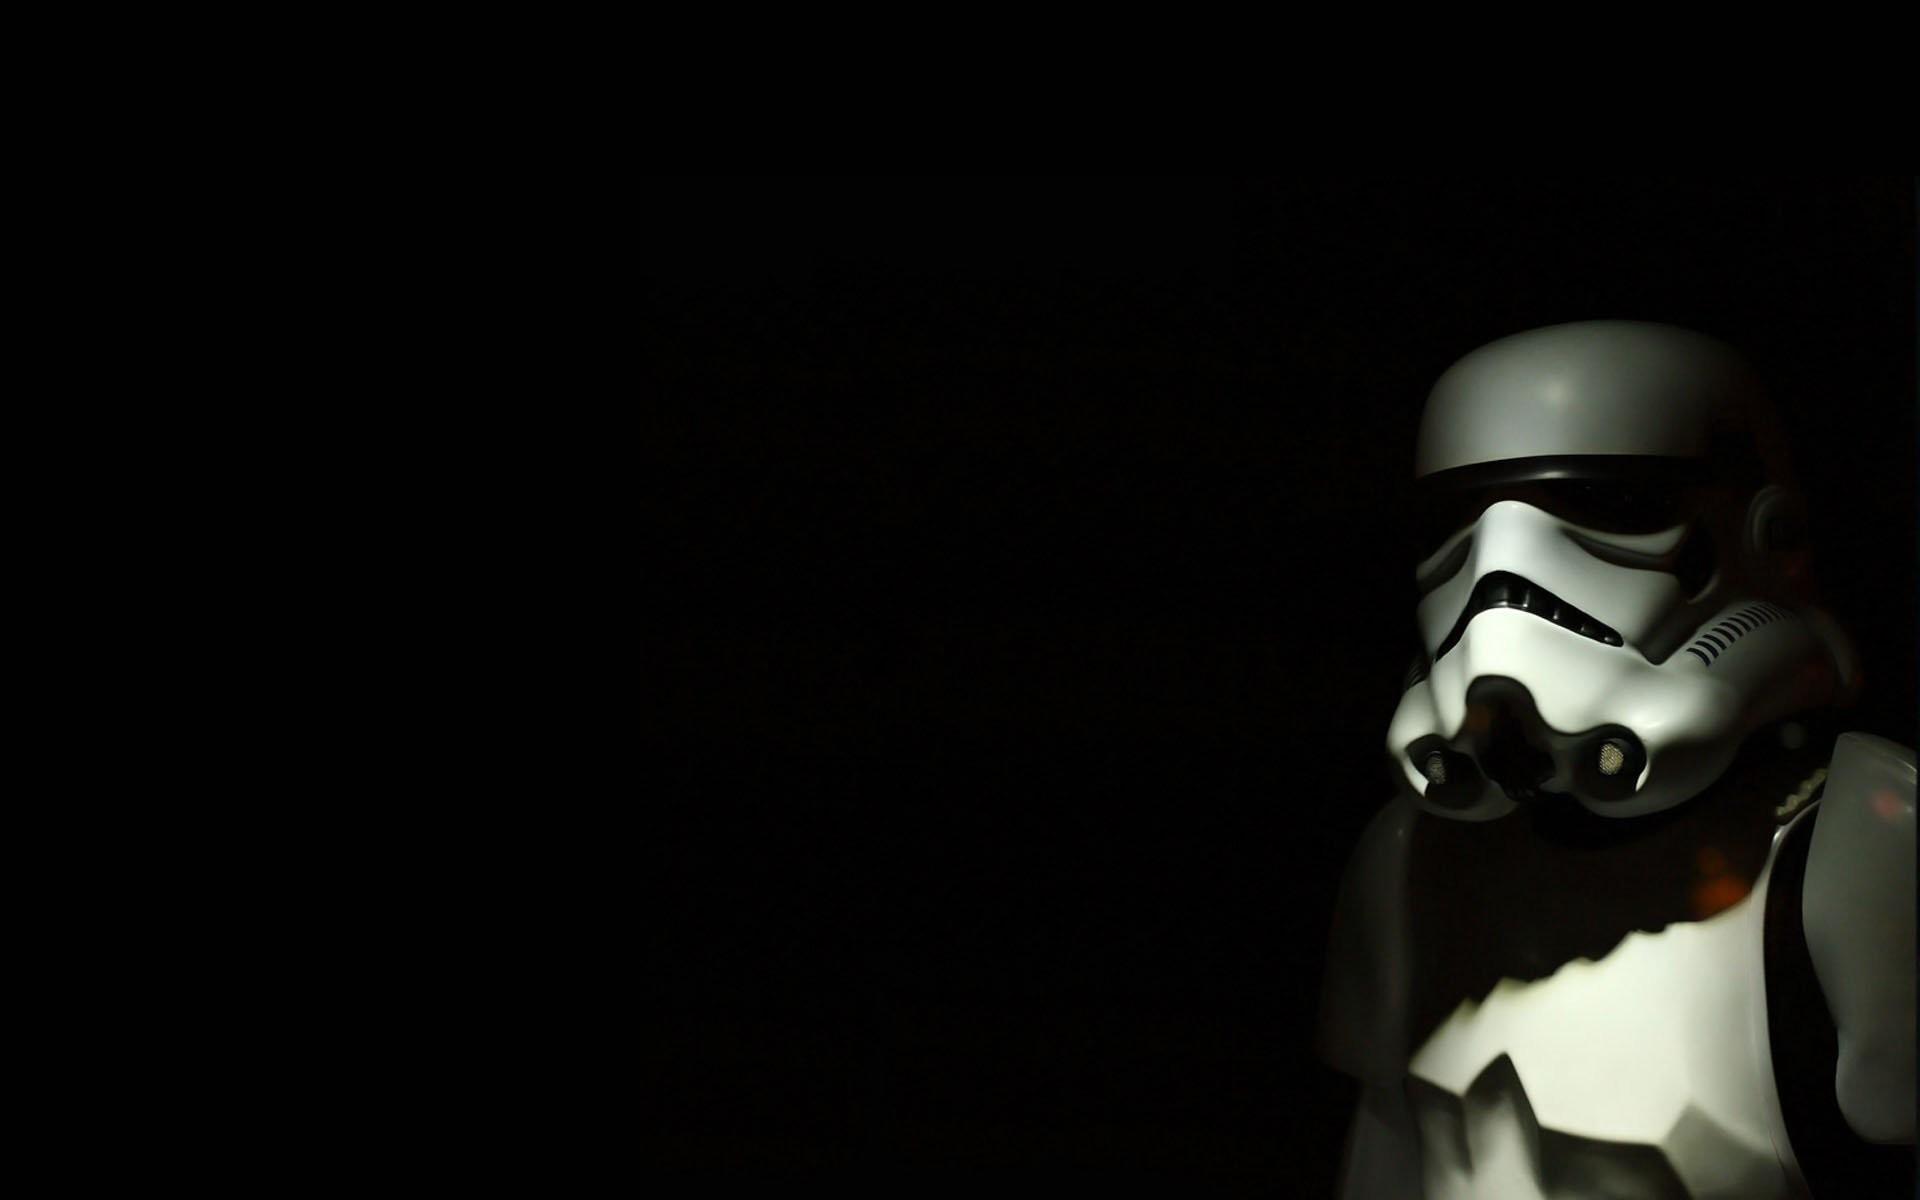 Star Wars black stormtroopers simple background black background wallpaper  | | 234414 | WallpaperUP